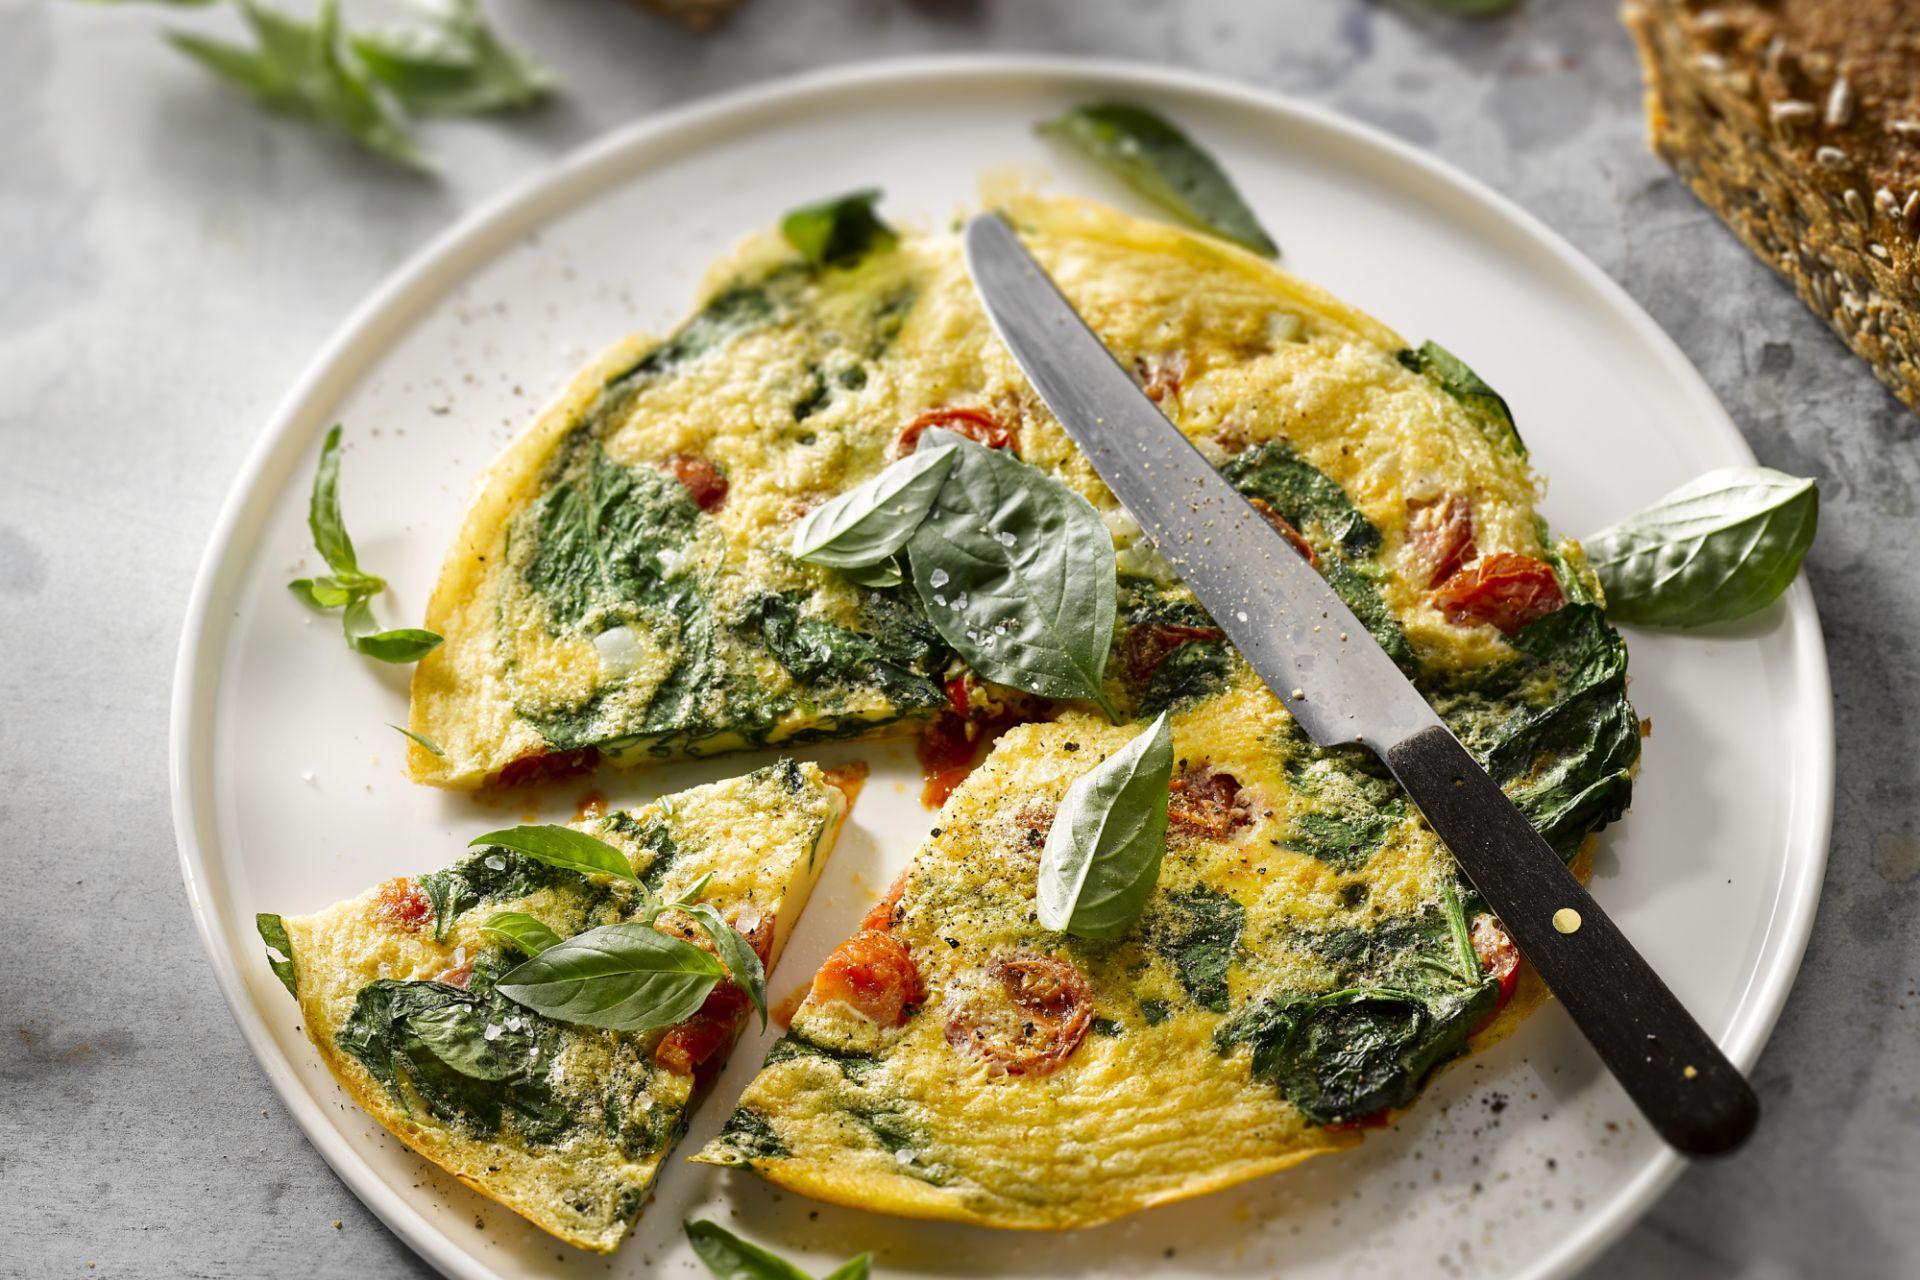 Omelet met spinazie en kerstomaat